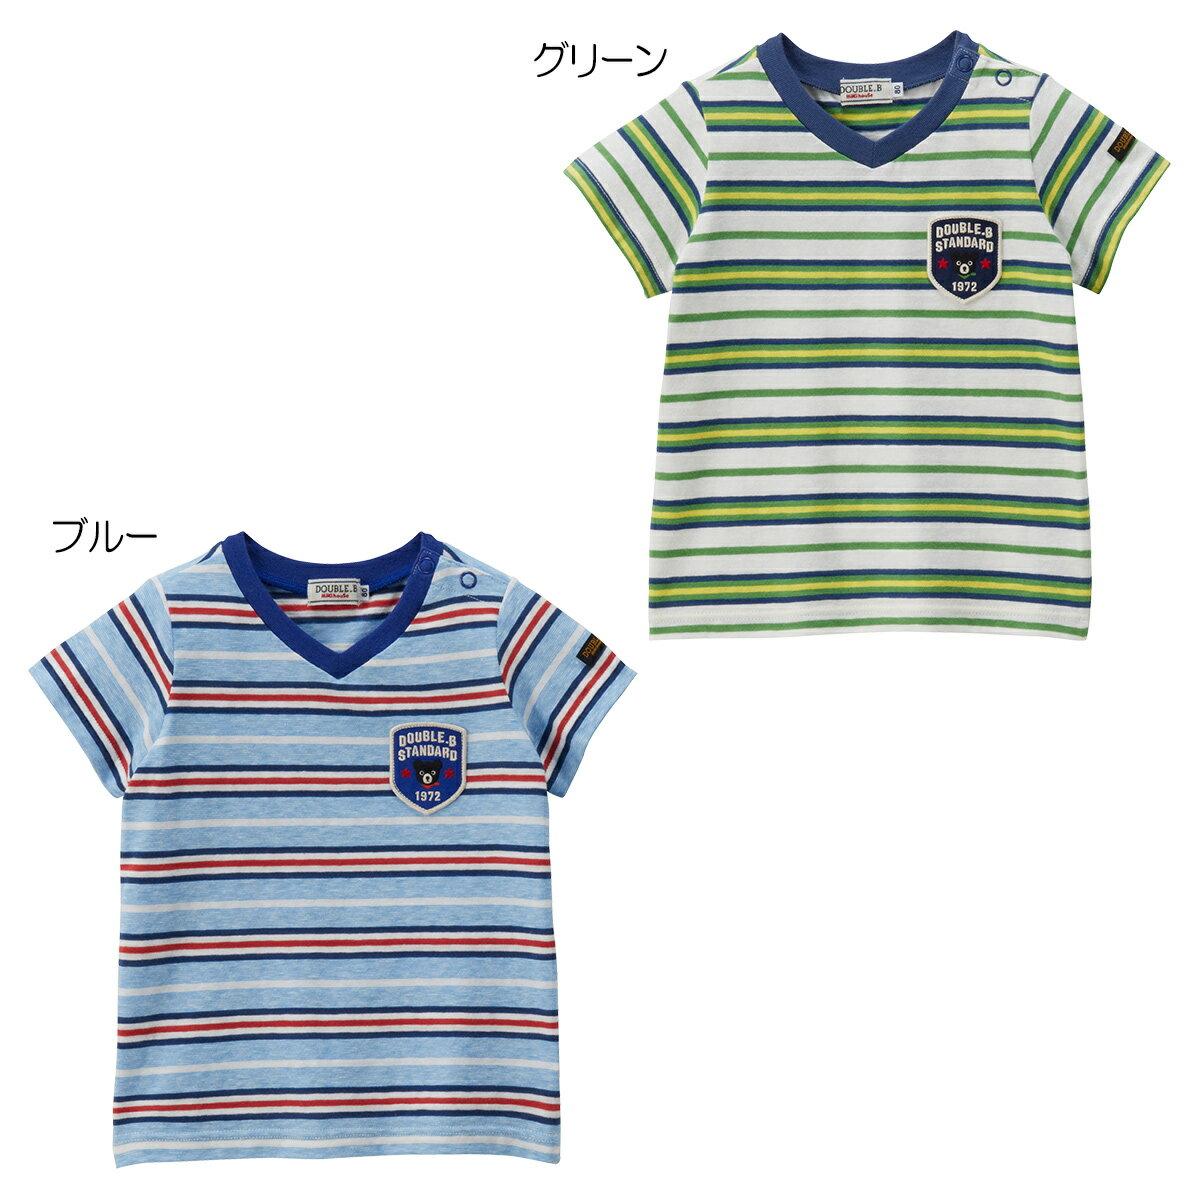 ミキハウス ダブルビー mikihouse Vネックボーダー半袖Tシャツ(140cm・150cm)